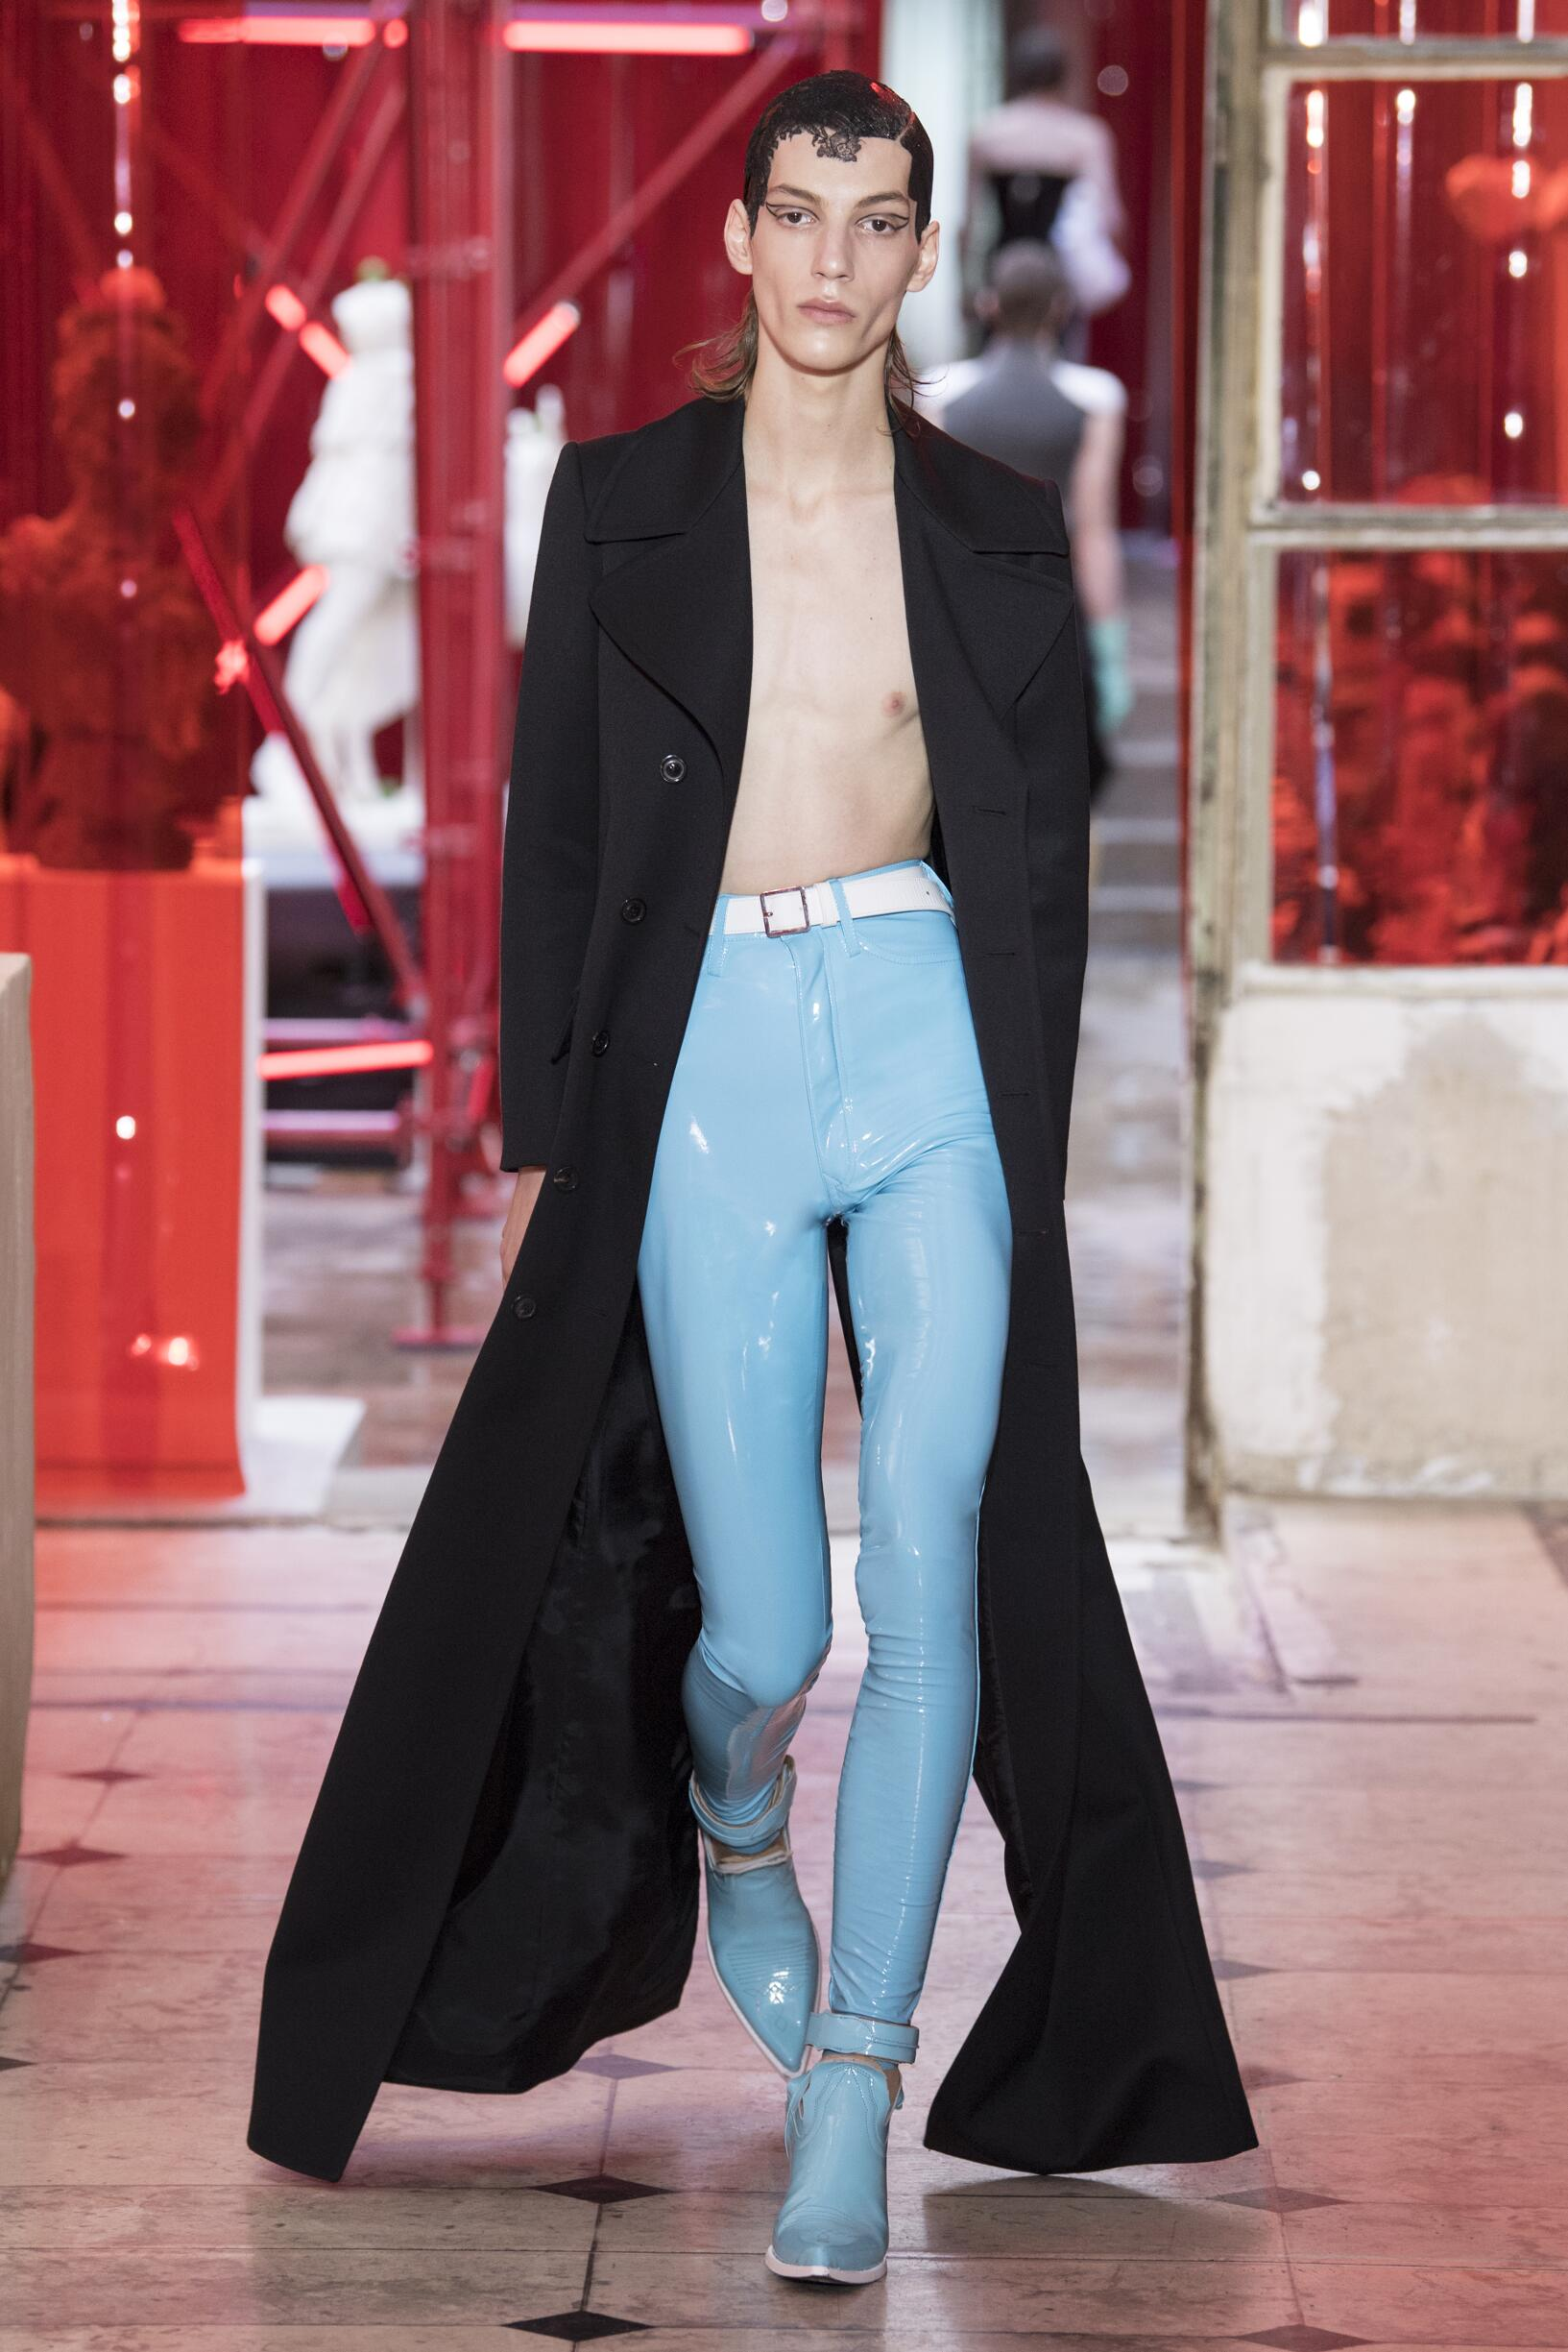 Fashion Model Maison Margiela Catwalk